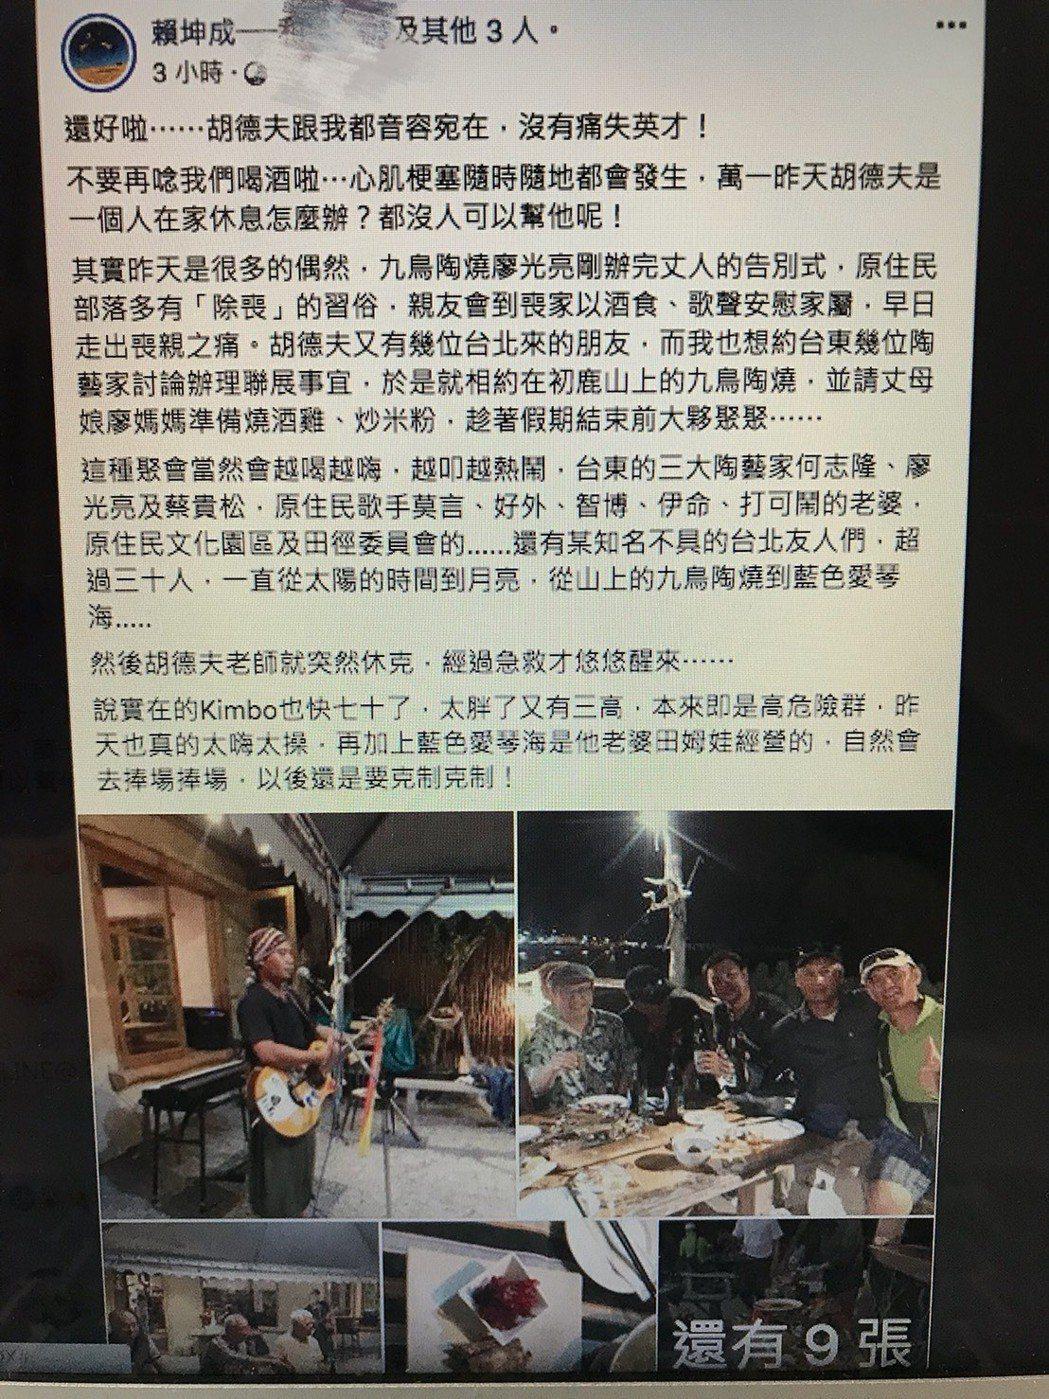 有「台灣民歌之父」的音樂家胡德夫,昨晚傳出在聚餐時發生昏迷無呼吸心跳狀態,目前已...